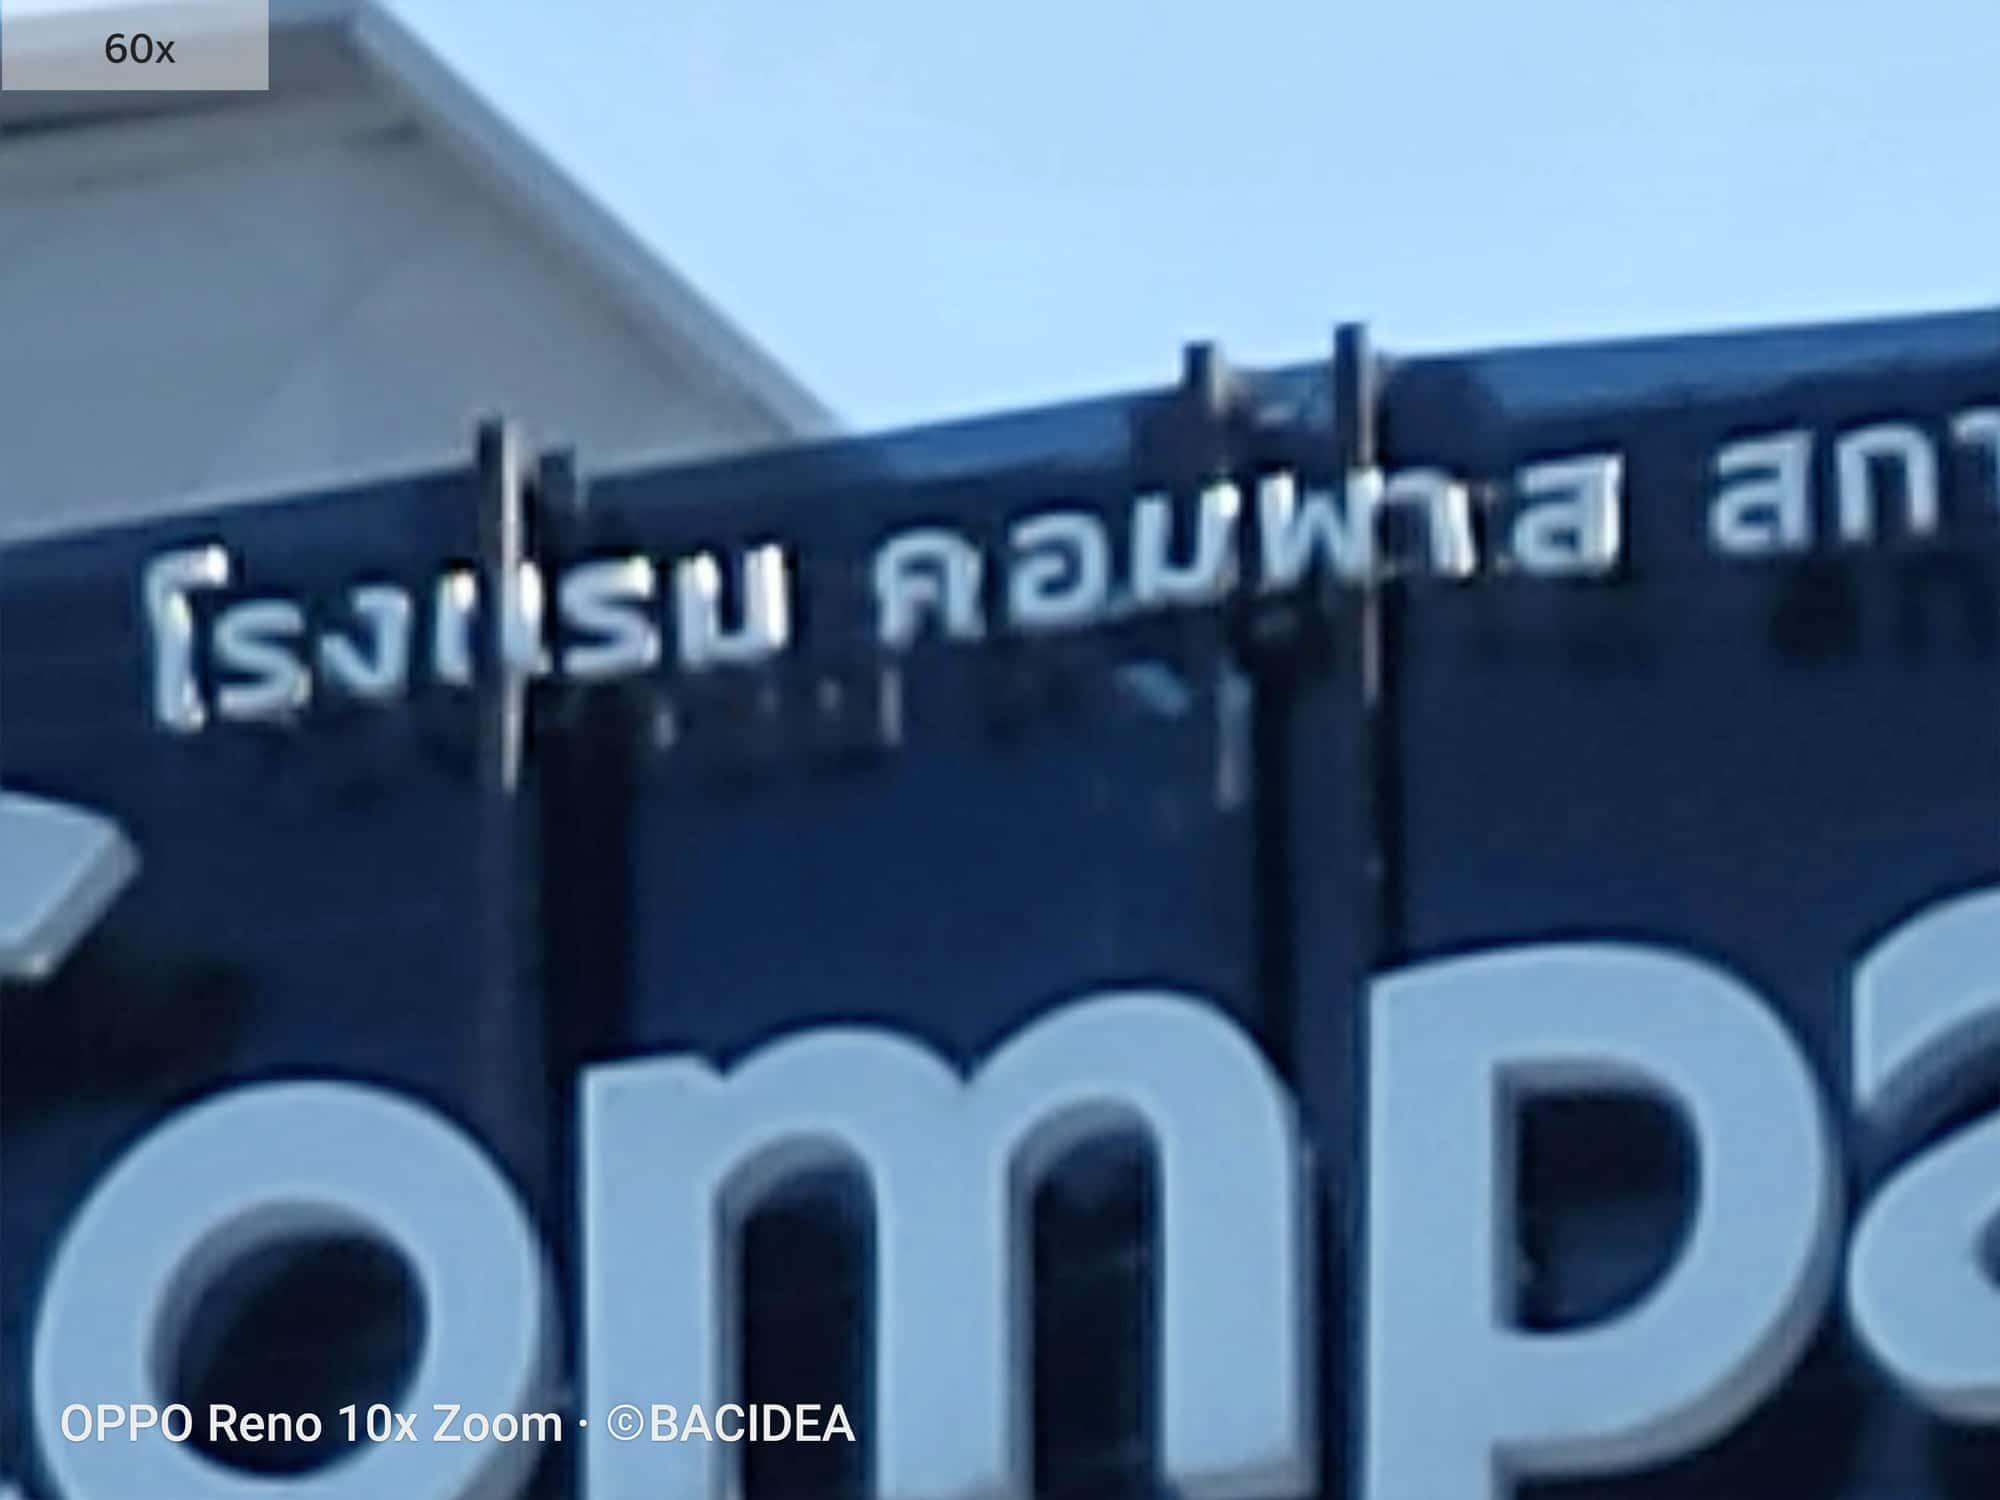 รีวิว OPPO Reno 10x Zoom สวยเด่นด้วย Pivot Rising Camera 15